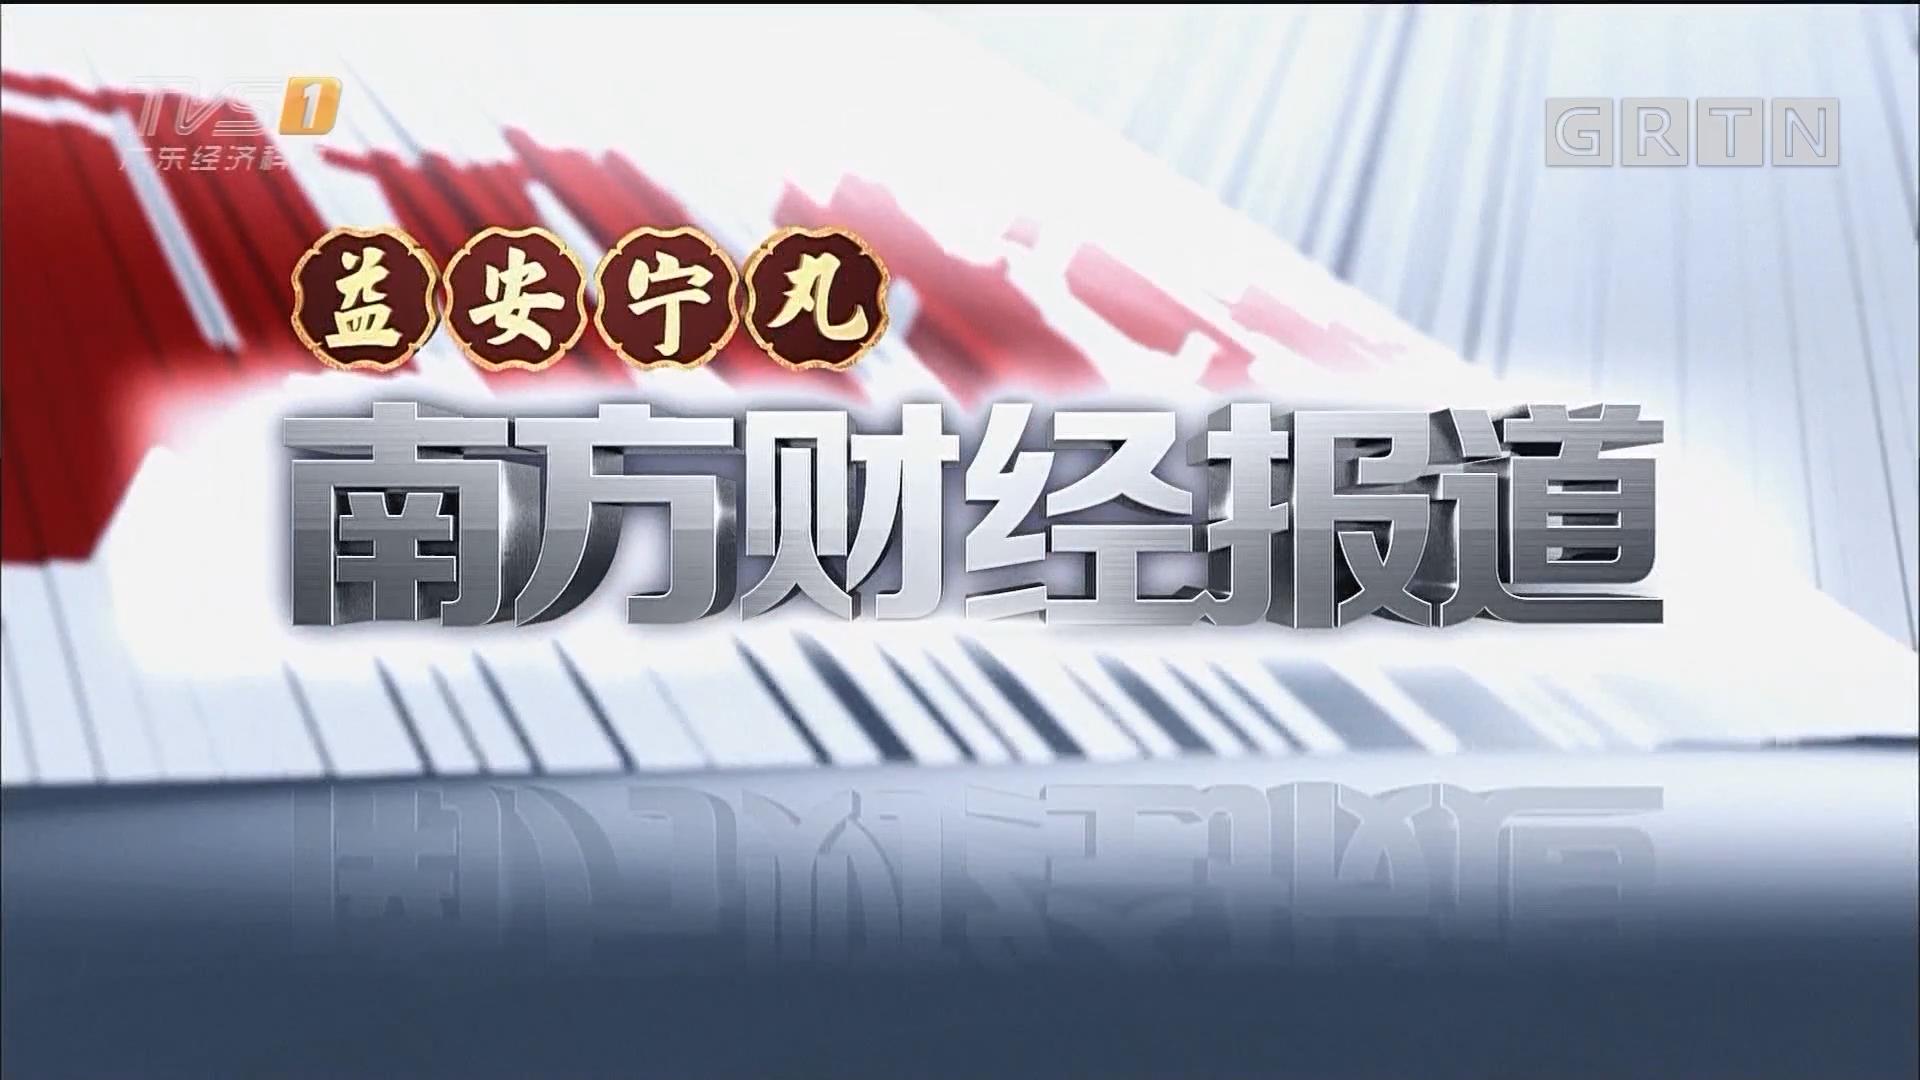 [HD][2019-05-22]南方财经报道:粤港澳媒体大湾行?#33322;?#19968;流湾区!香港投入超过1000亿港元发展科创